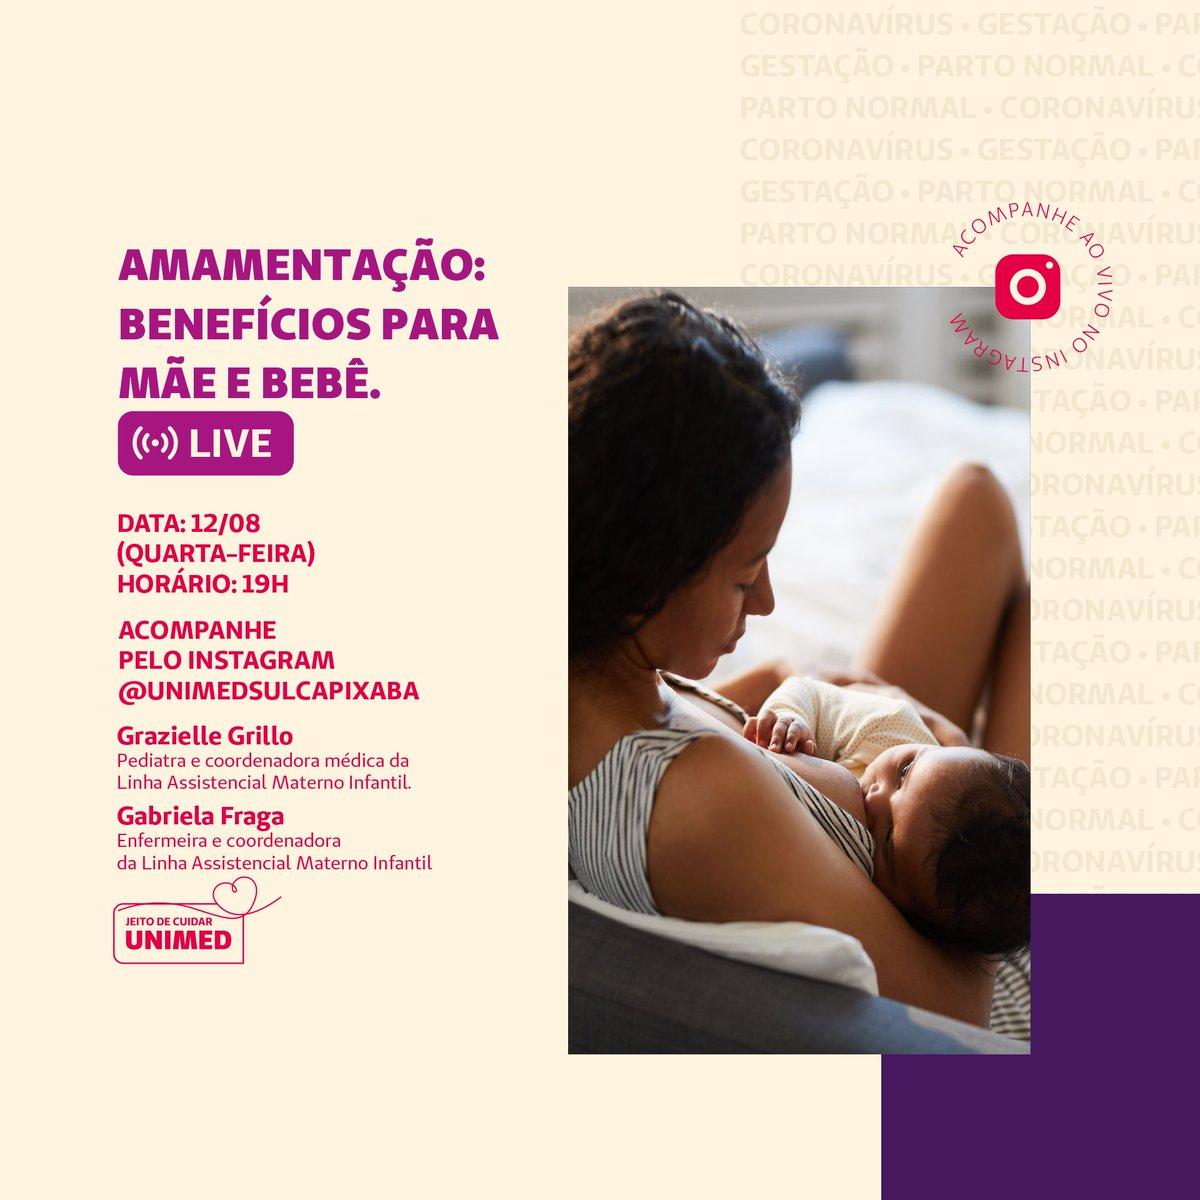 Na live no Instagram da próxima quarta-feira (12/08), às 19h, vamos falar sobre os benefícios da amamentação para mãe e bebê, com a pediatra Grazielle Grillo . Coloque na sua agenda e marque uma amiga que também está grávida ou lactante. https://t.co/rlqKCu6rk7